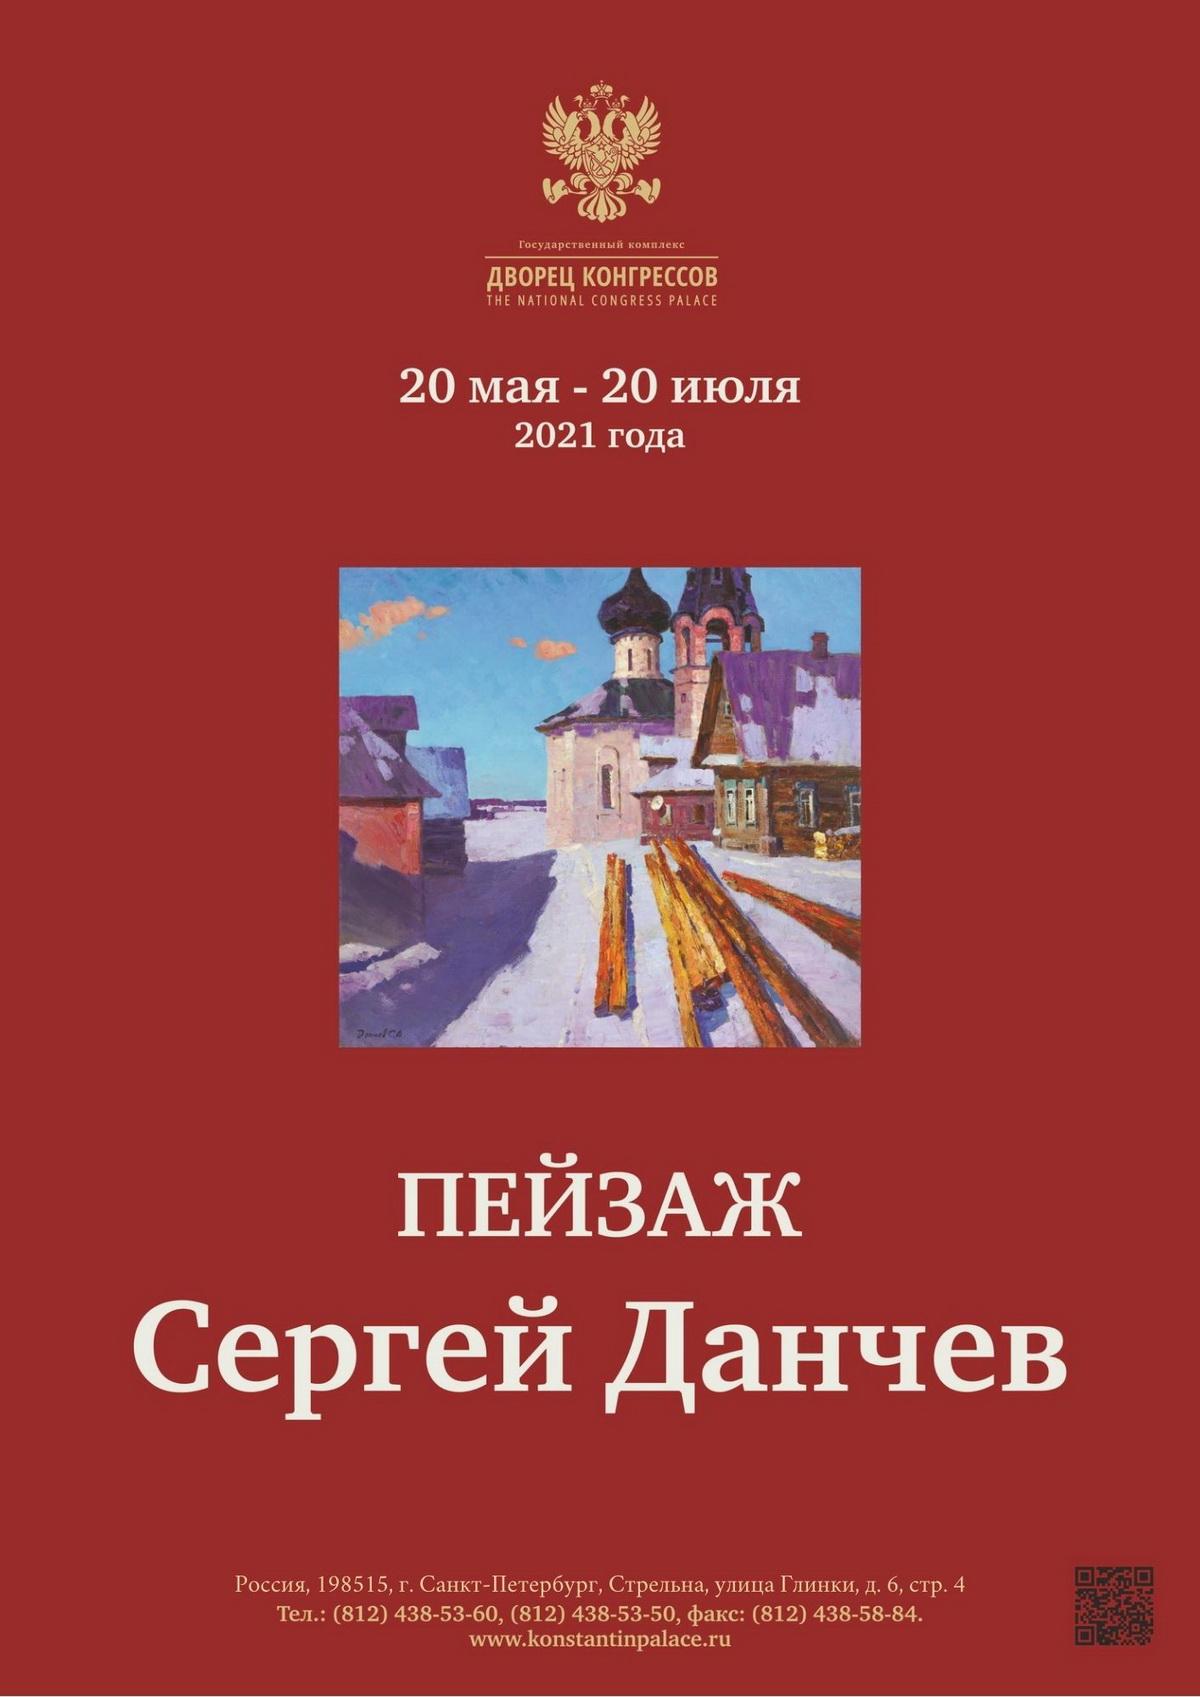 «Пейзаж». Персональная выставка Сергея Данчева